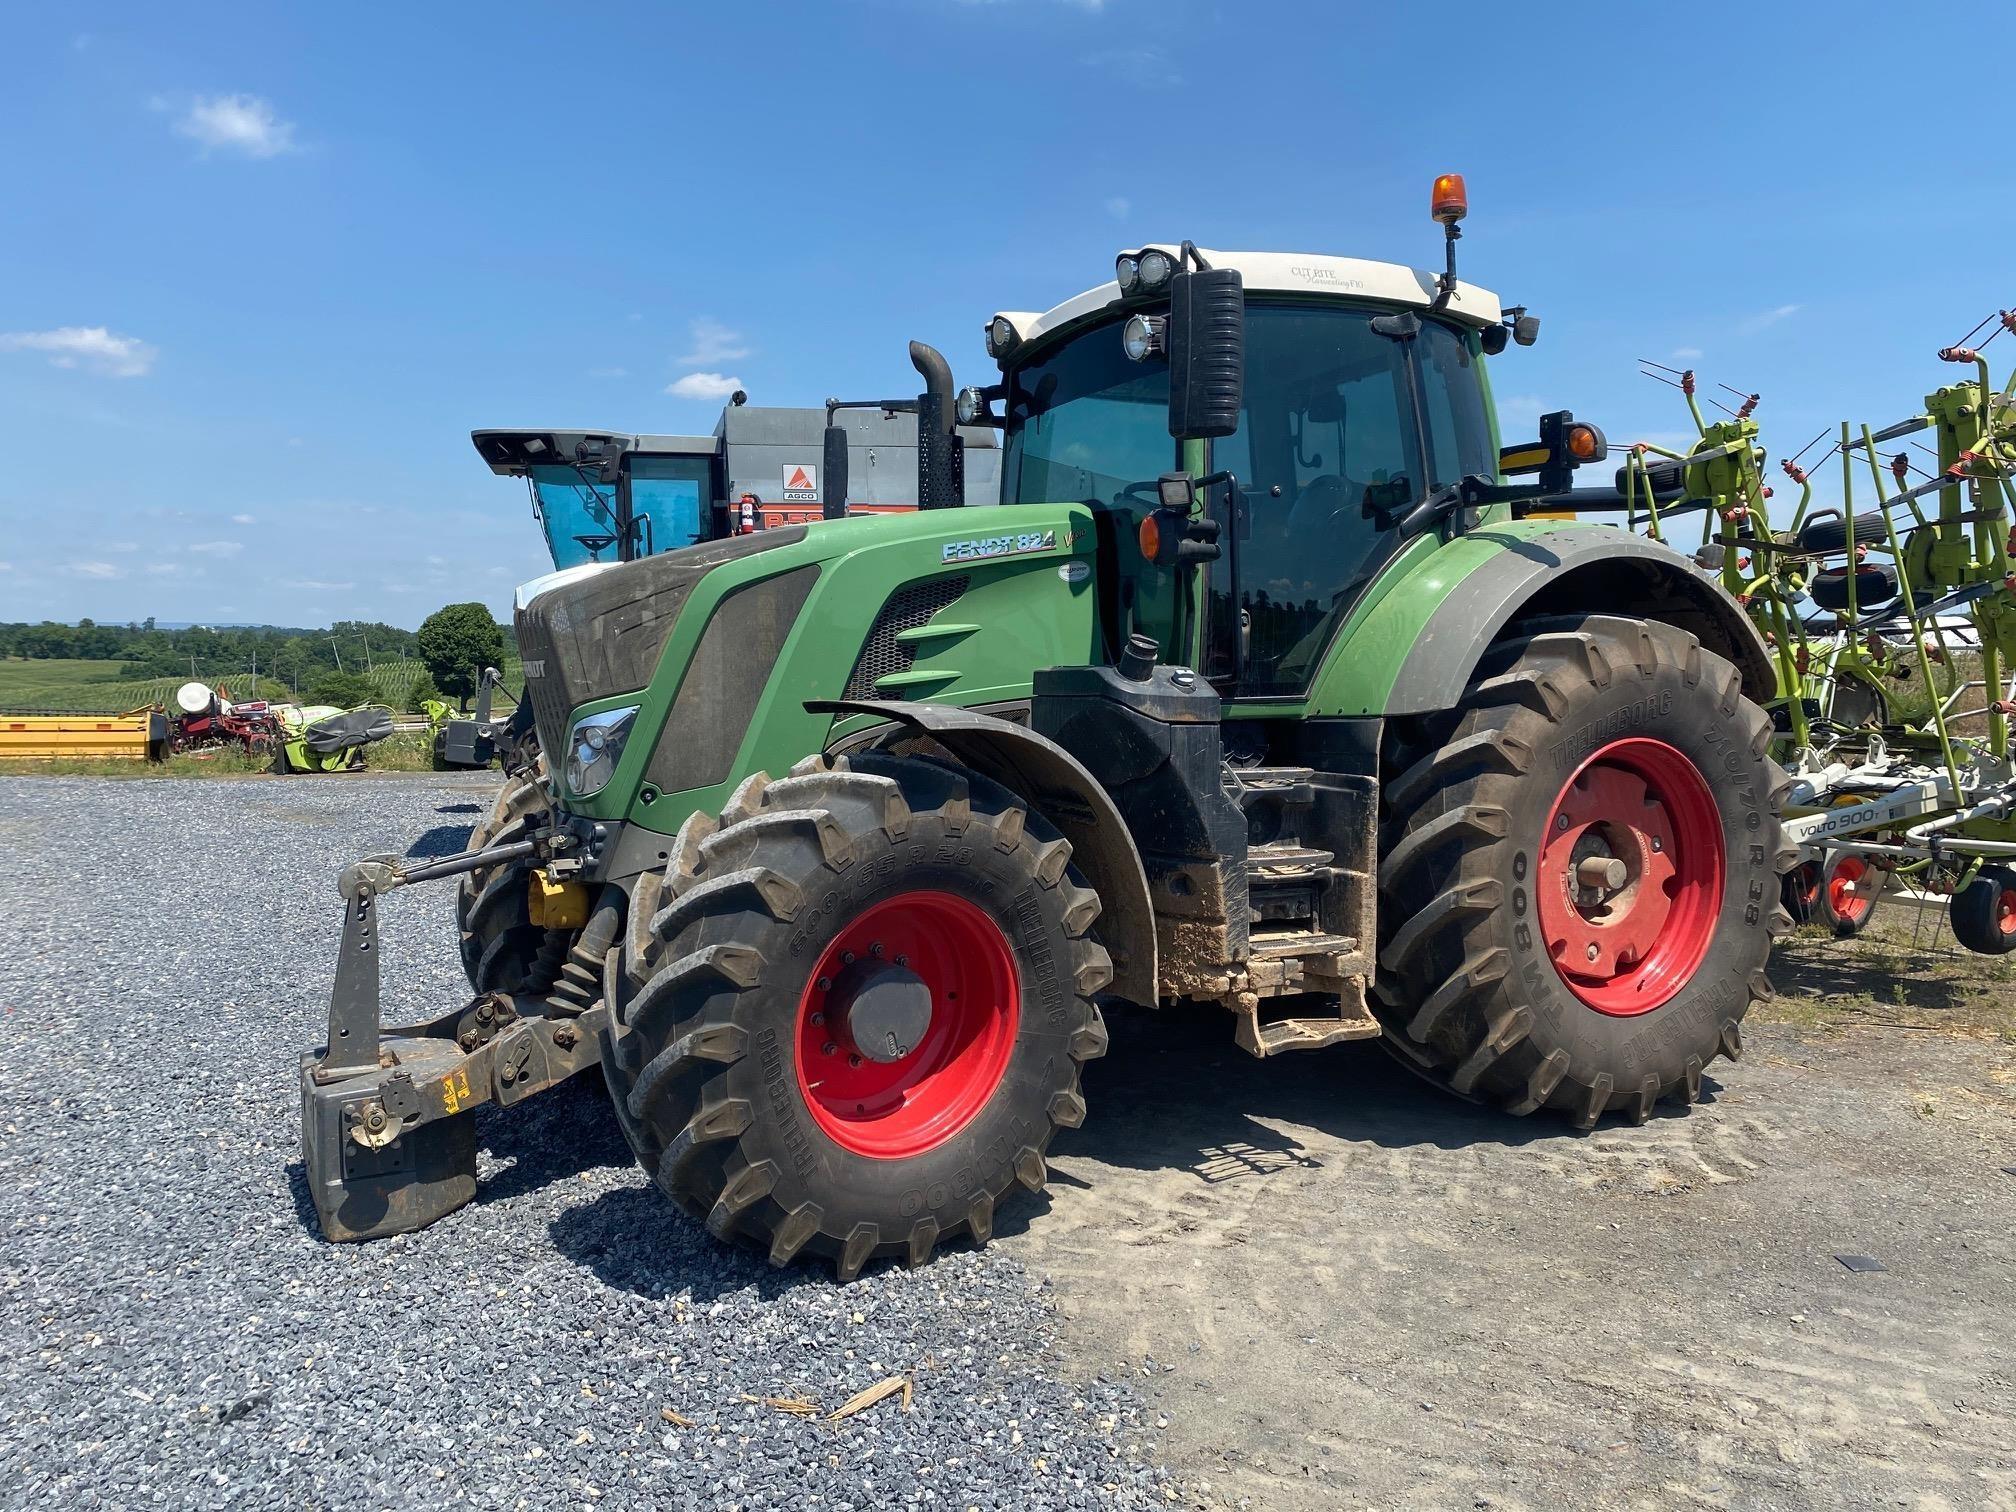 2015 Fendt 824 Vario Tractor